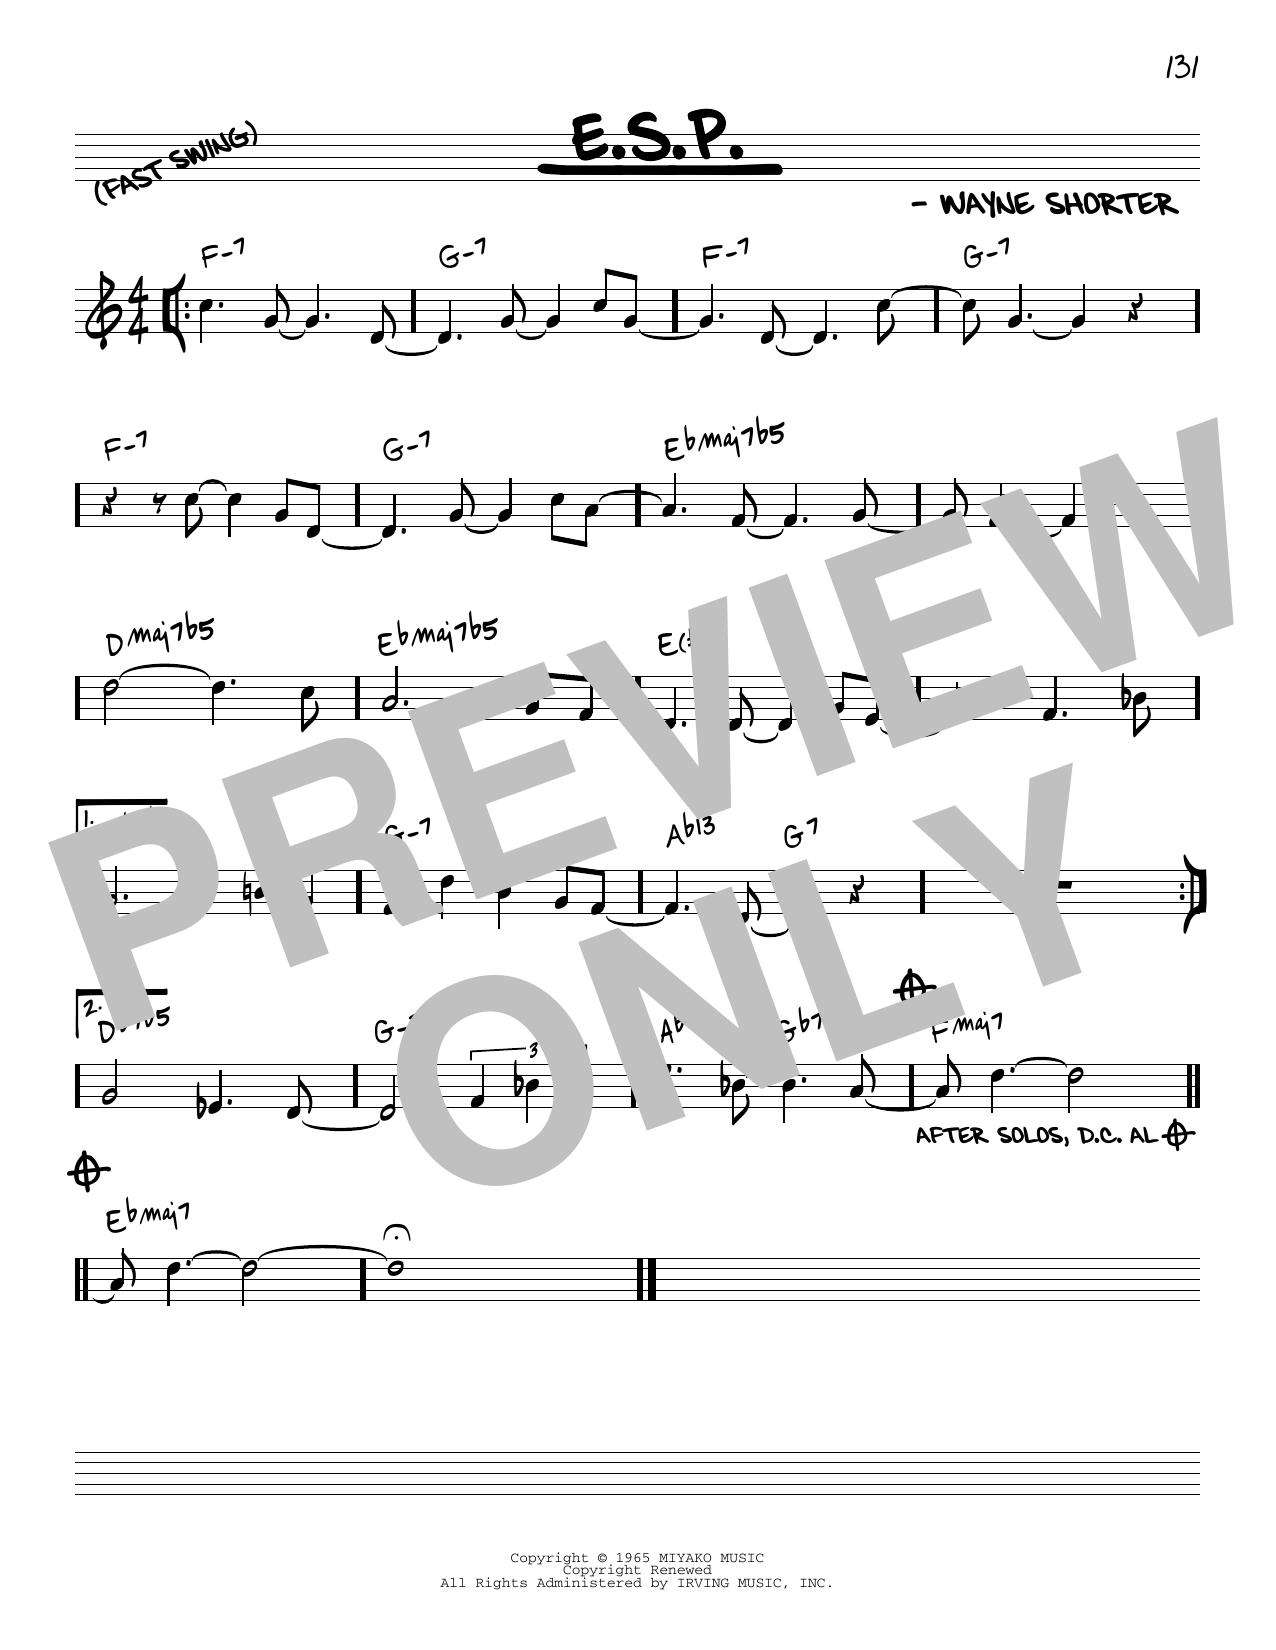 Wayne Shorter E.S.P. [Reharmonized version] (arr. Jack Grassel) sheet music notes printable PDF score